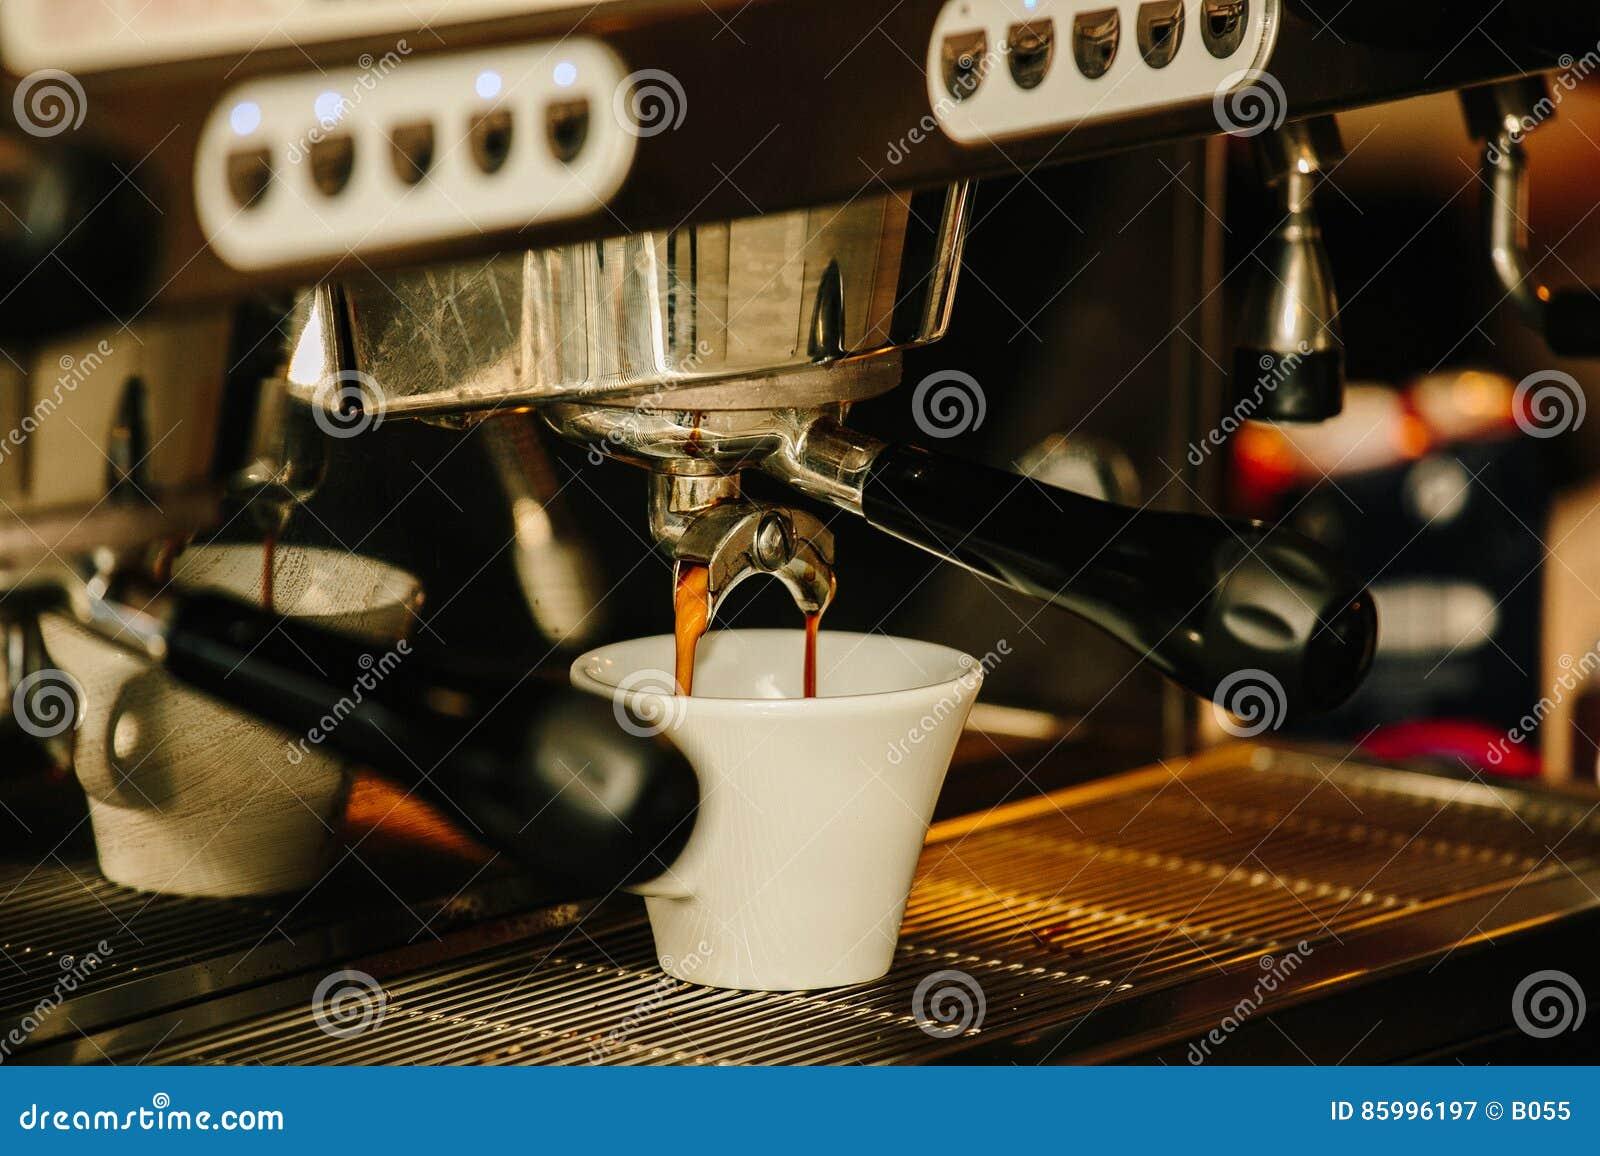 Espresso coffe cup